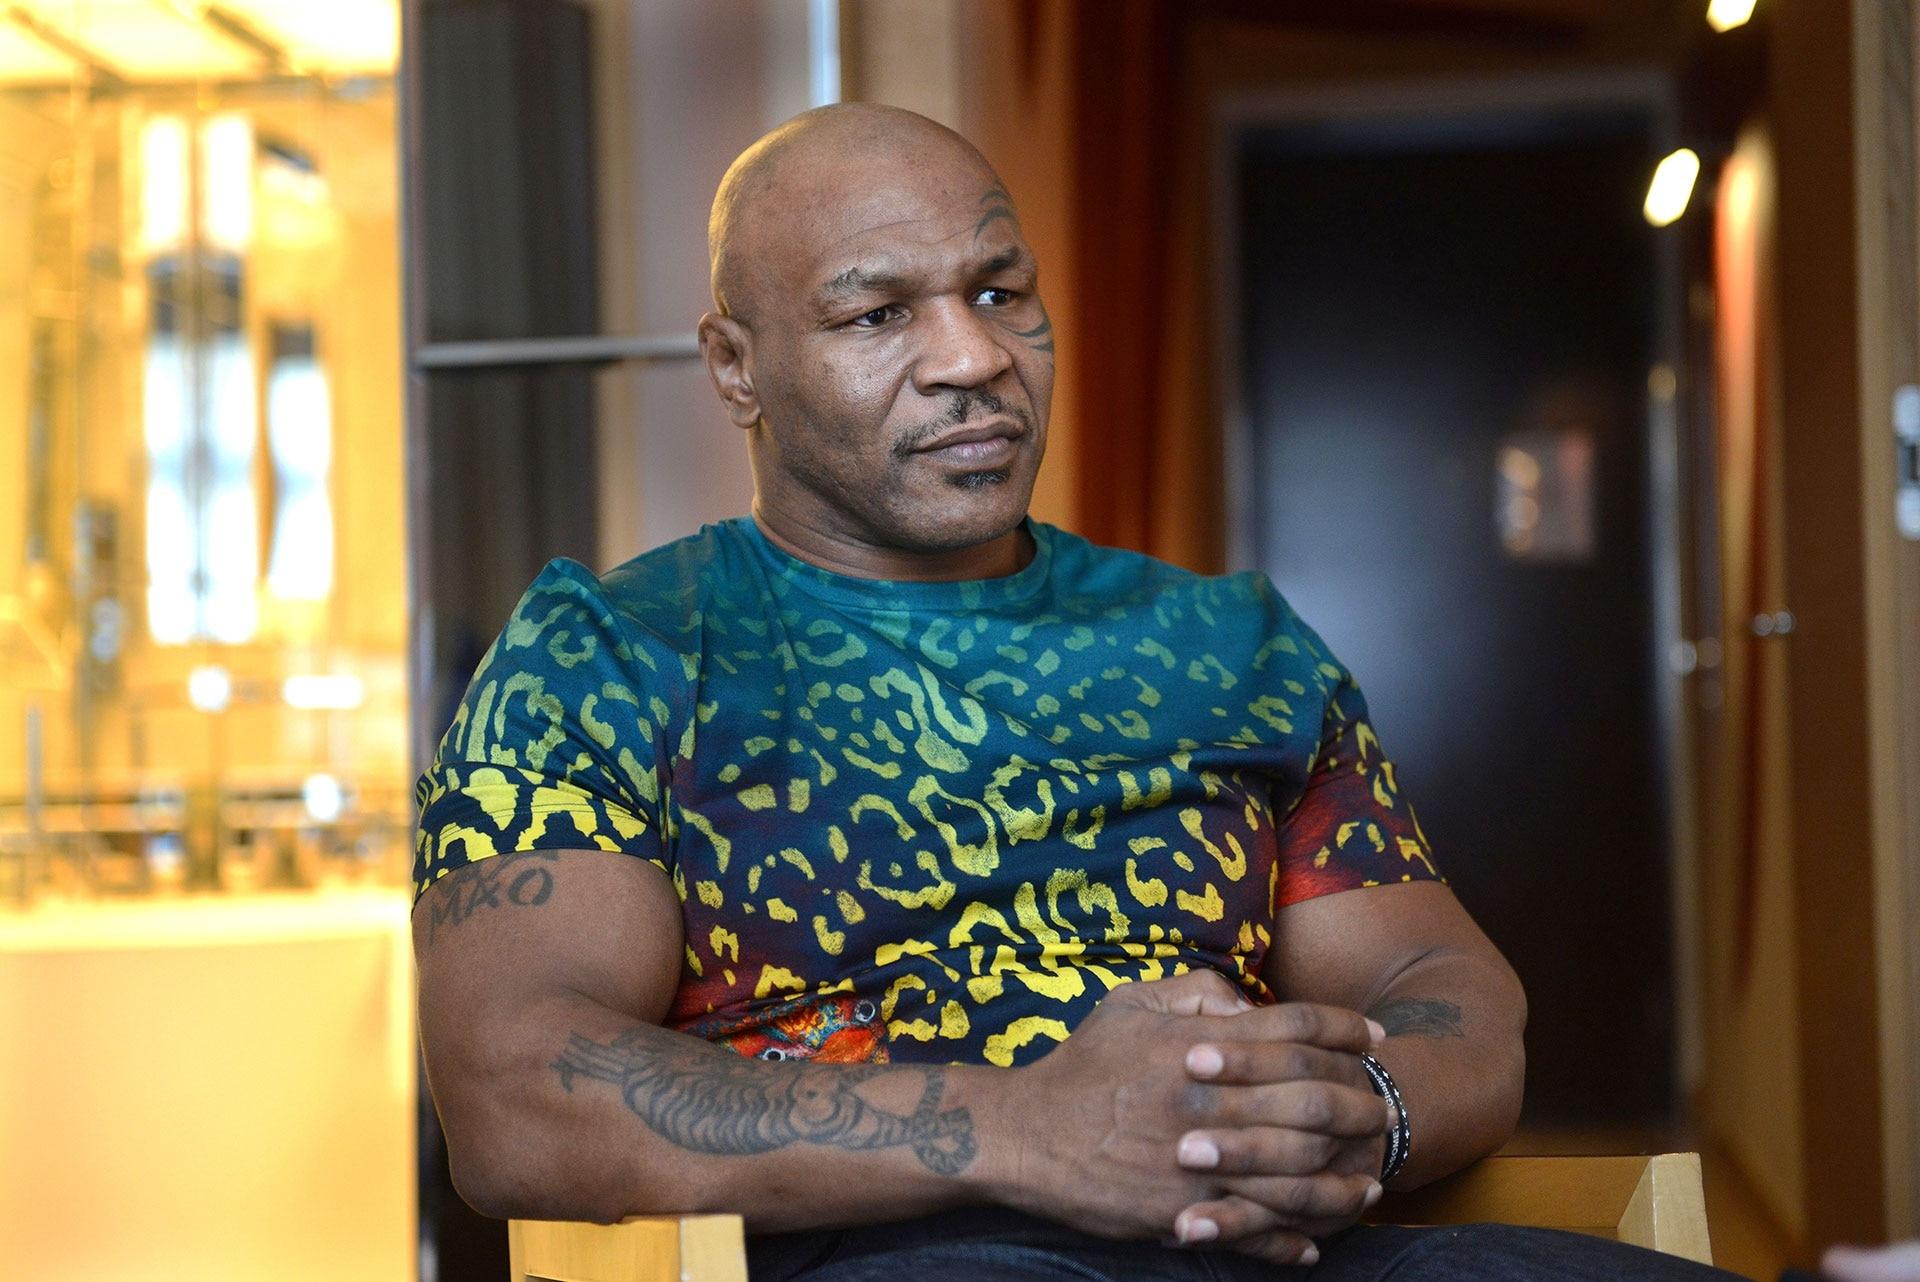 Mike Tyson descartó que su rival sea Evander Holyfield en su regreso al boxeo  - Infobae